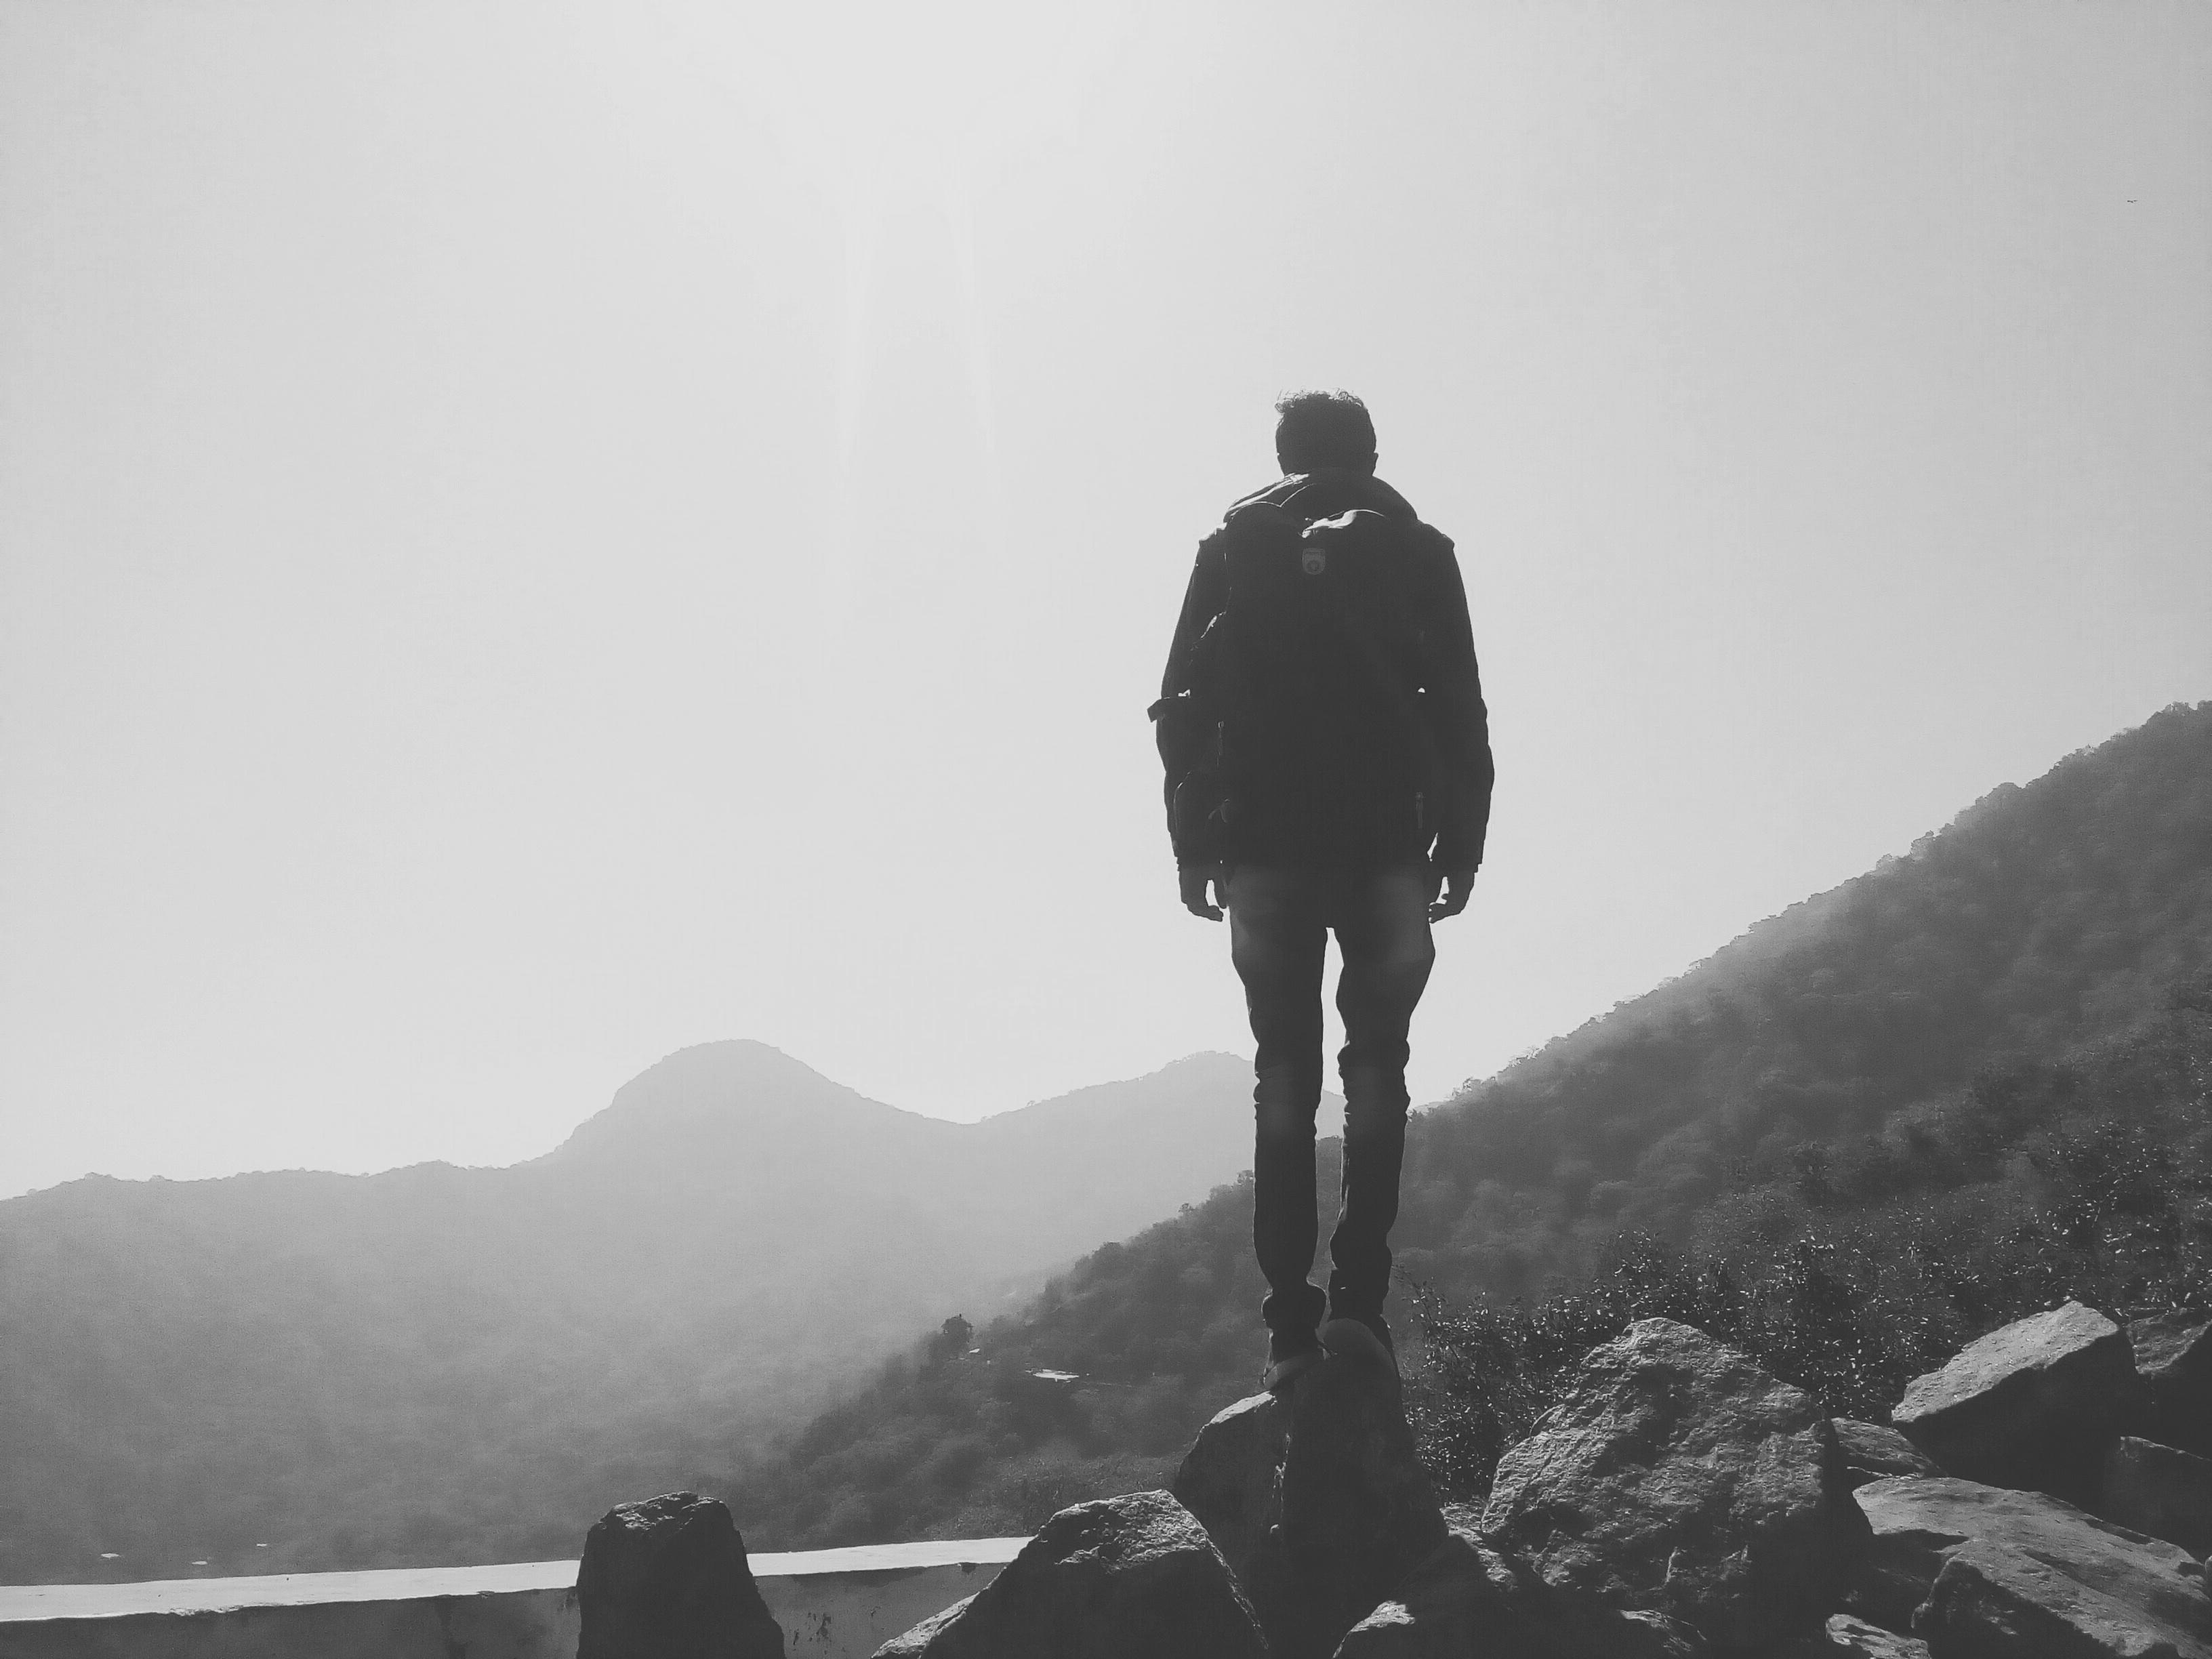 Kostenlose foto : Silhouette, Gehen, Berg, Schwarz und weiß, Weiß ...